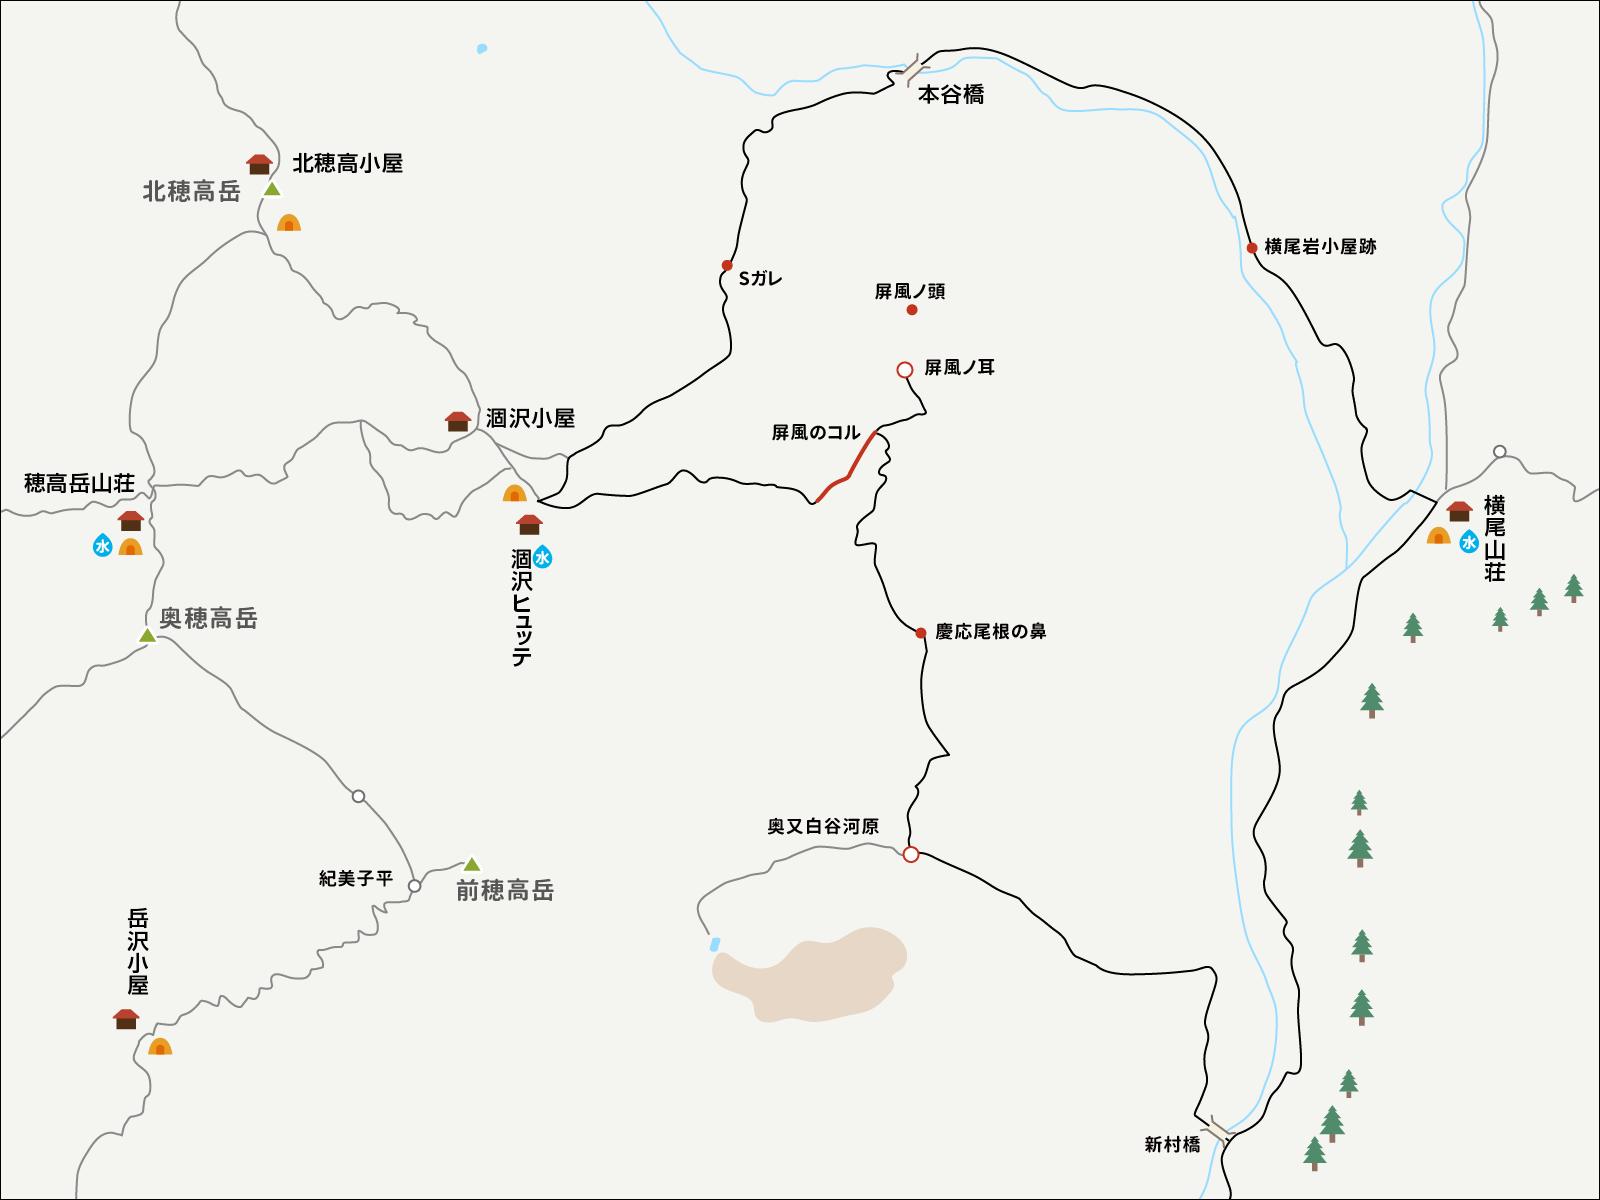 涸沢パノラマコースのイラストマップ3